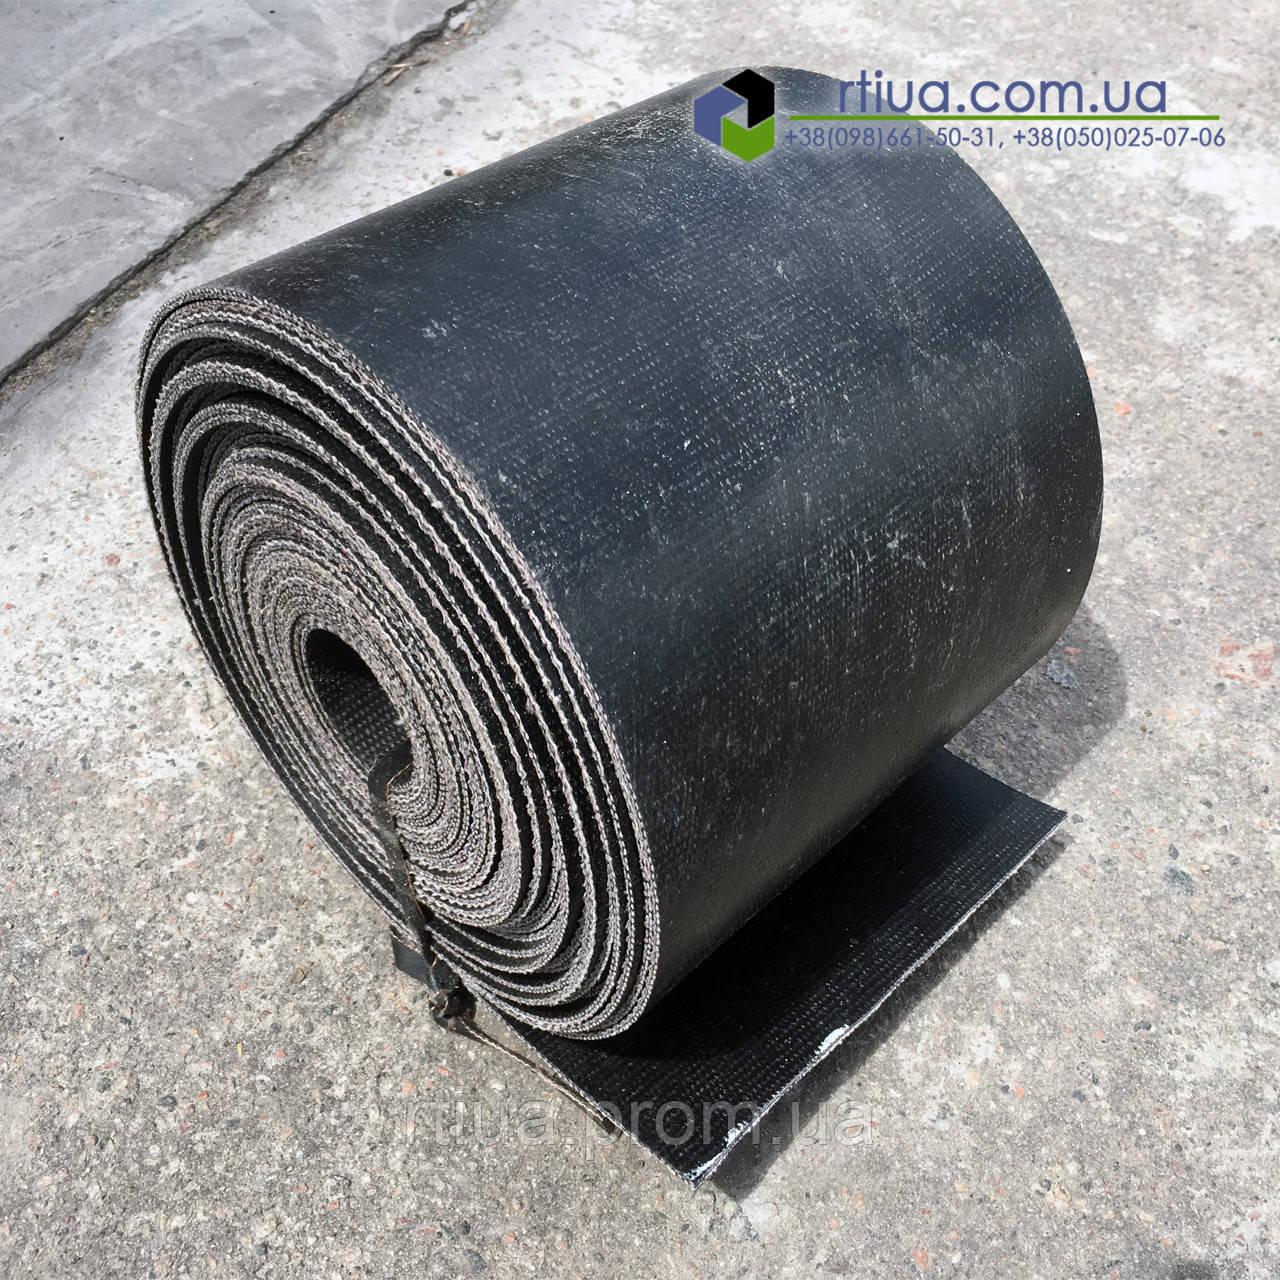 Транспортерная лента БКНЛ, 1200х3 - 2/0 (5 мм)